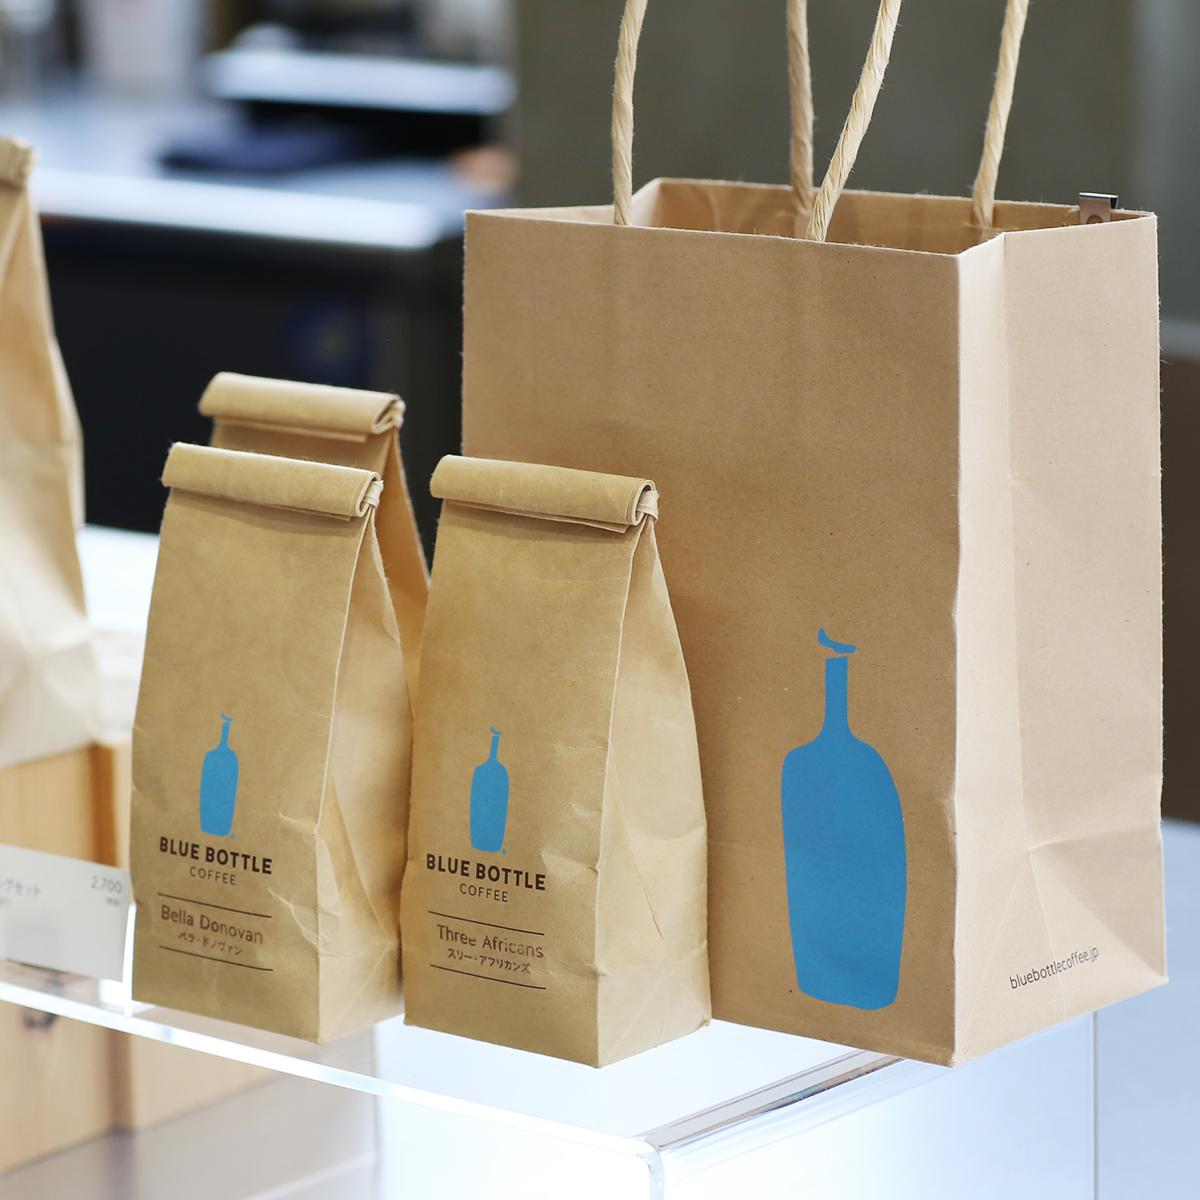 コーヒー豆は、豆のままペーパーバッグに詰められて販売されている。自分で挽いて、自宅でも挽きたてを楽しんでもらうためだ。